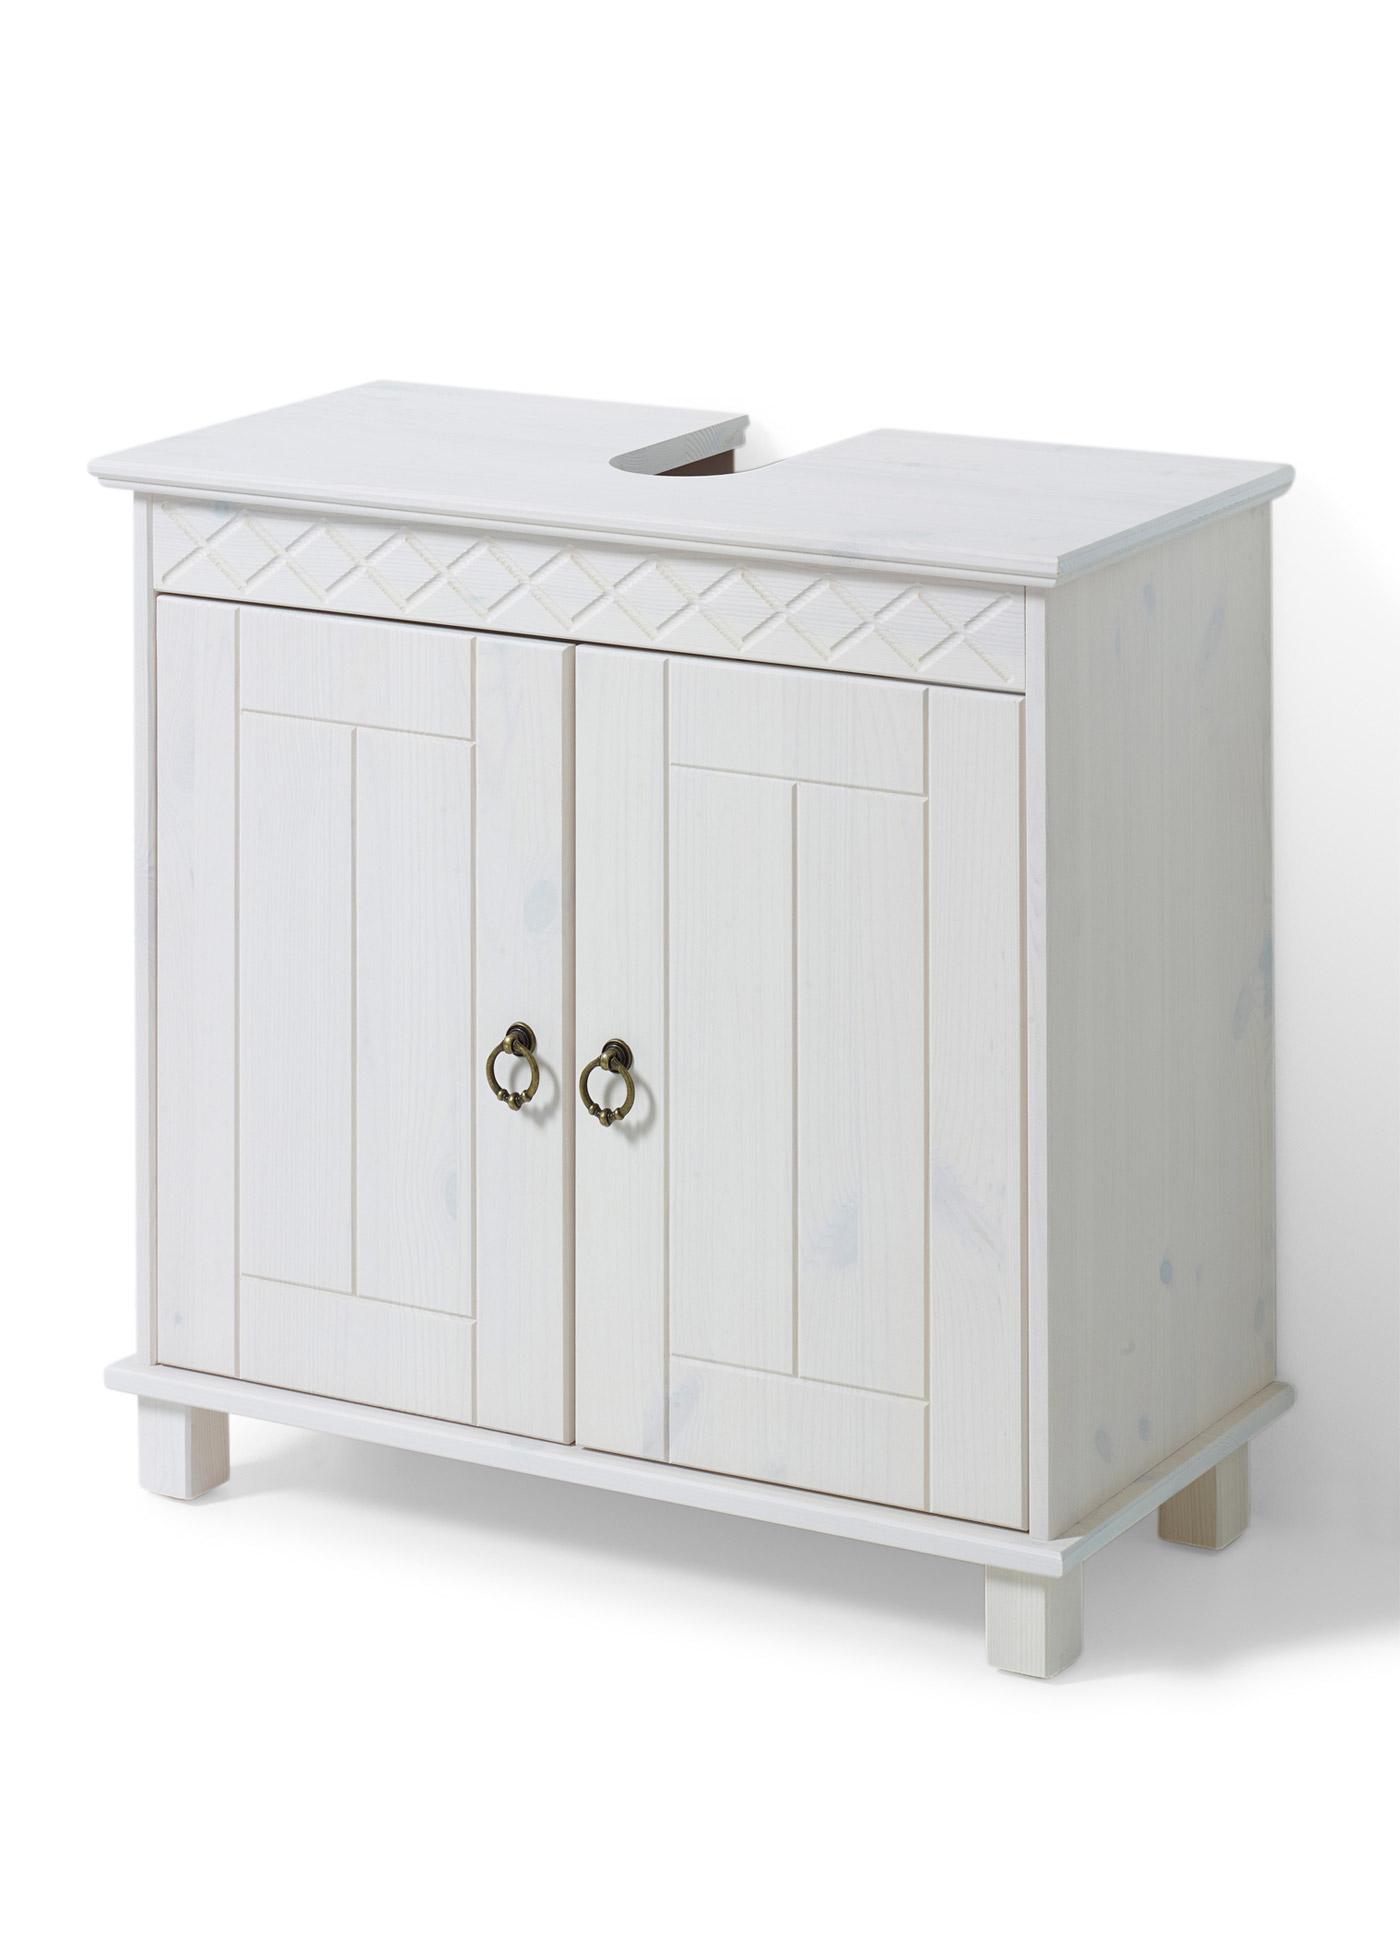 Meuble sous-lavabo rustique de style intemporel avec 2 portes et 1 tablette réglable. Les portes sont dotées de poignées à anneaux originales. Meuble lasuré pour garder la structure du bois apparente. Livraison avec une notice de montage.